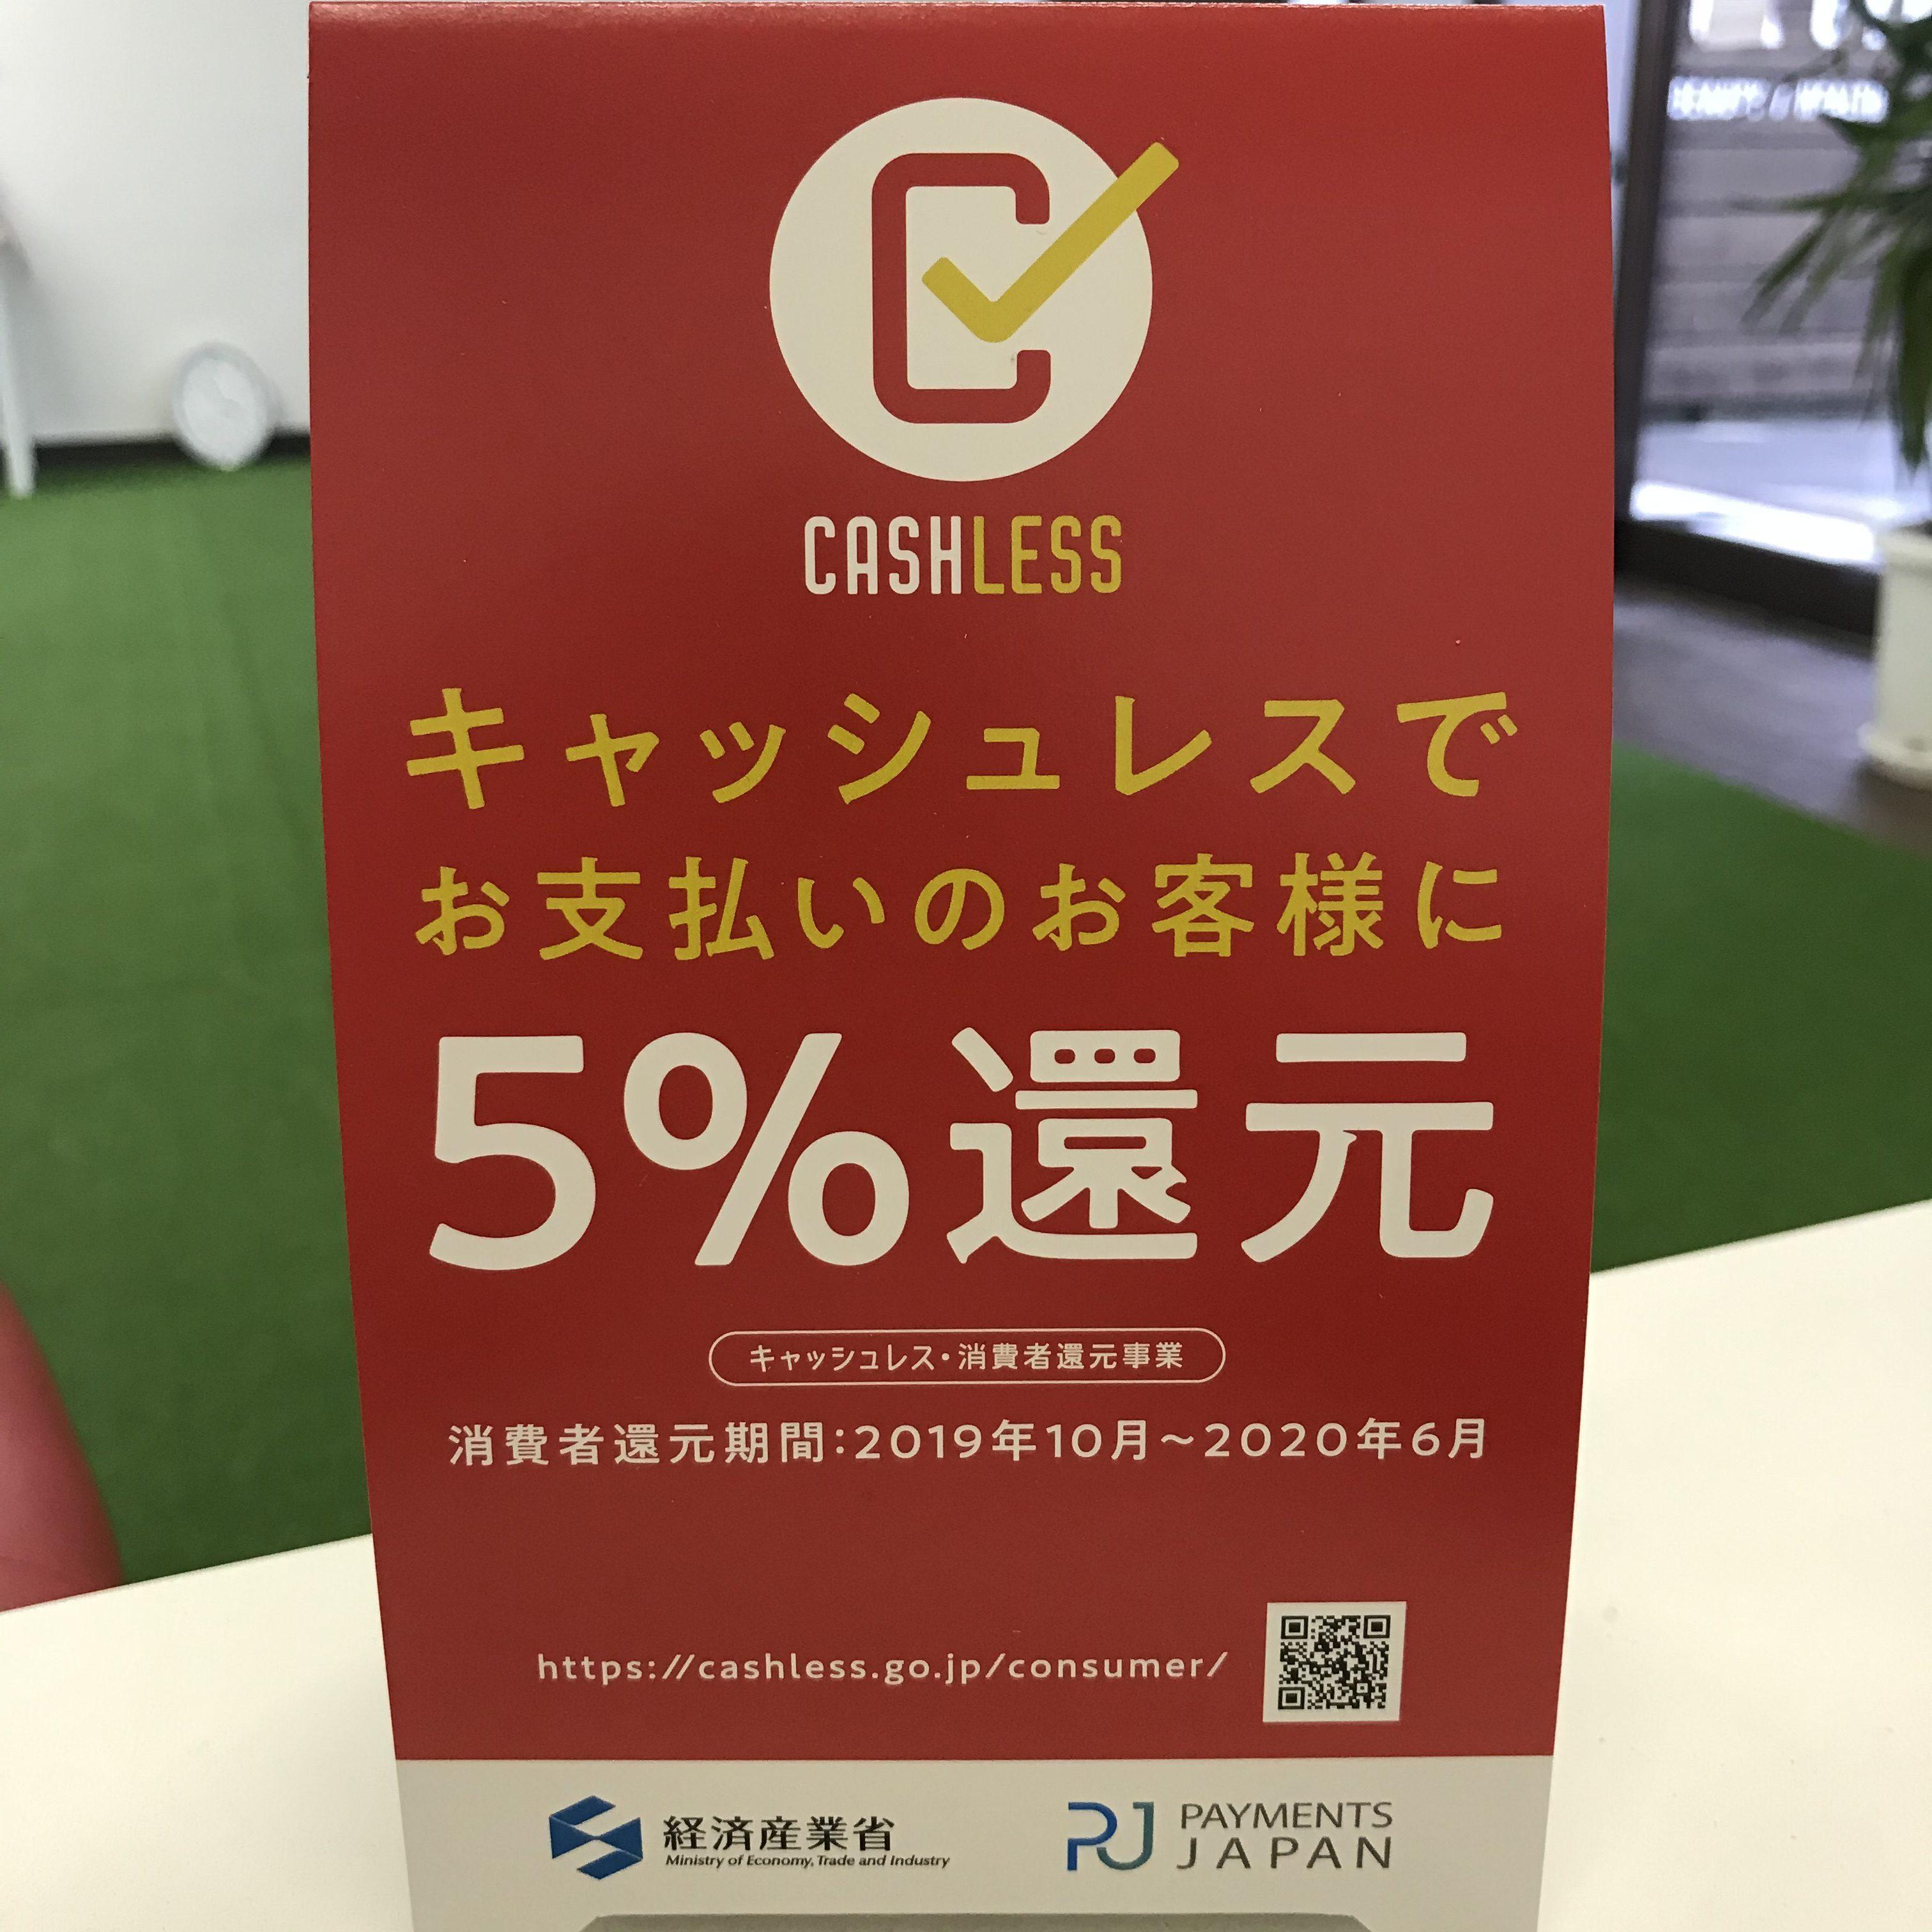 福山 ダイエット チャックジム パーソナルトレーニング